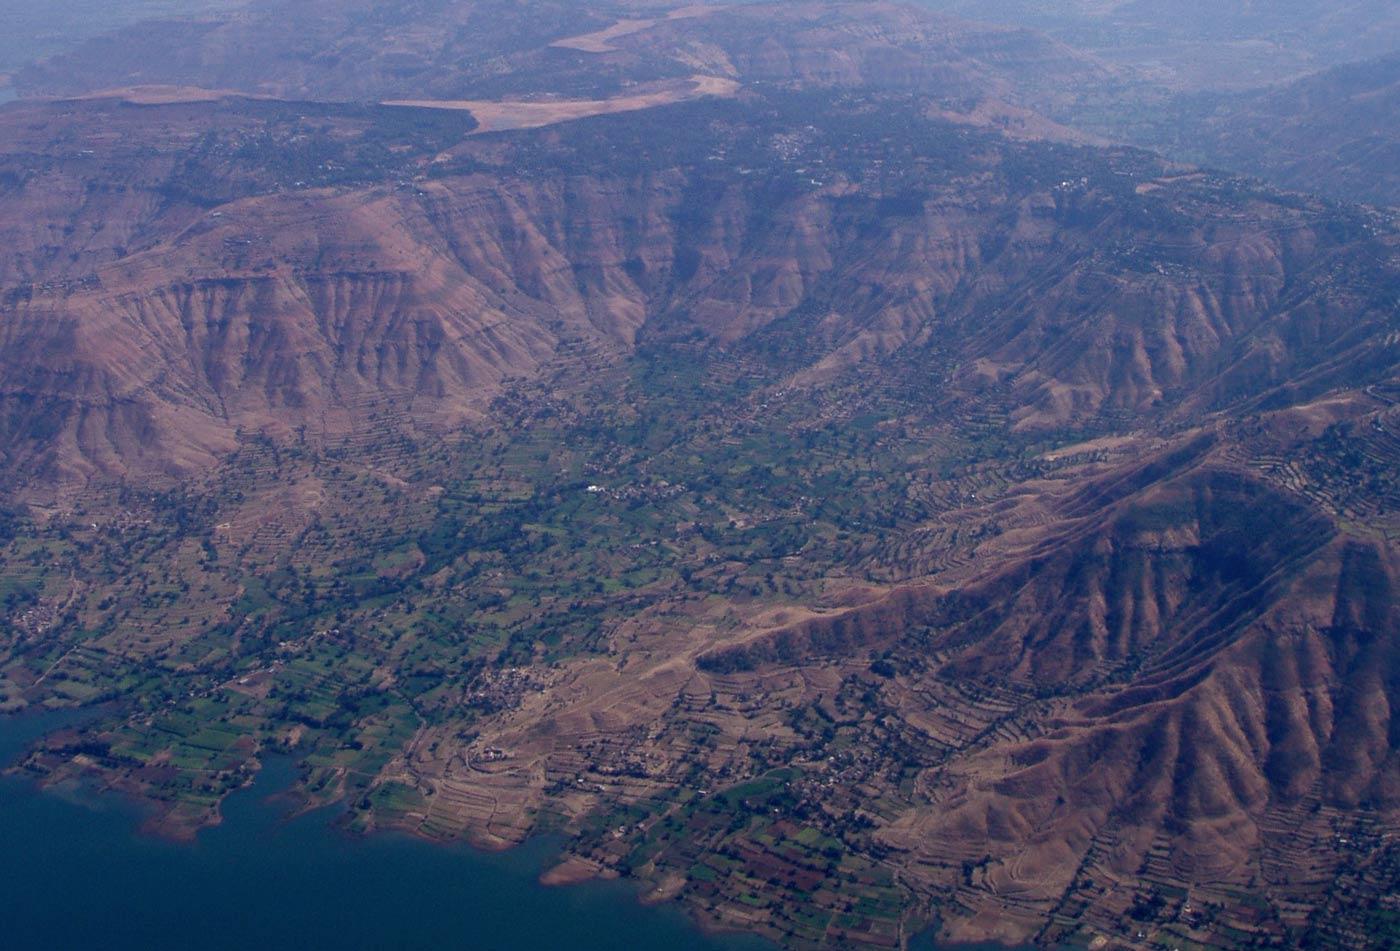 Tablelands sind die letzten Überbleibsel der von einem Supervulkan geschaffenen Hochebene. Der Monsun hat dort fliegerisch ergiebige Täler geschaffen.